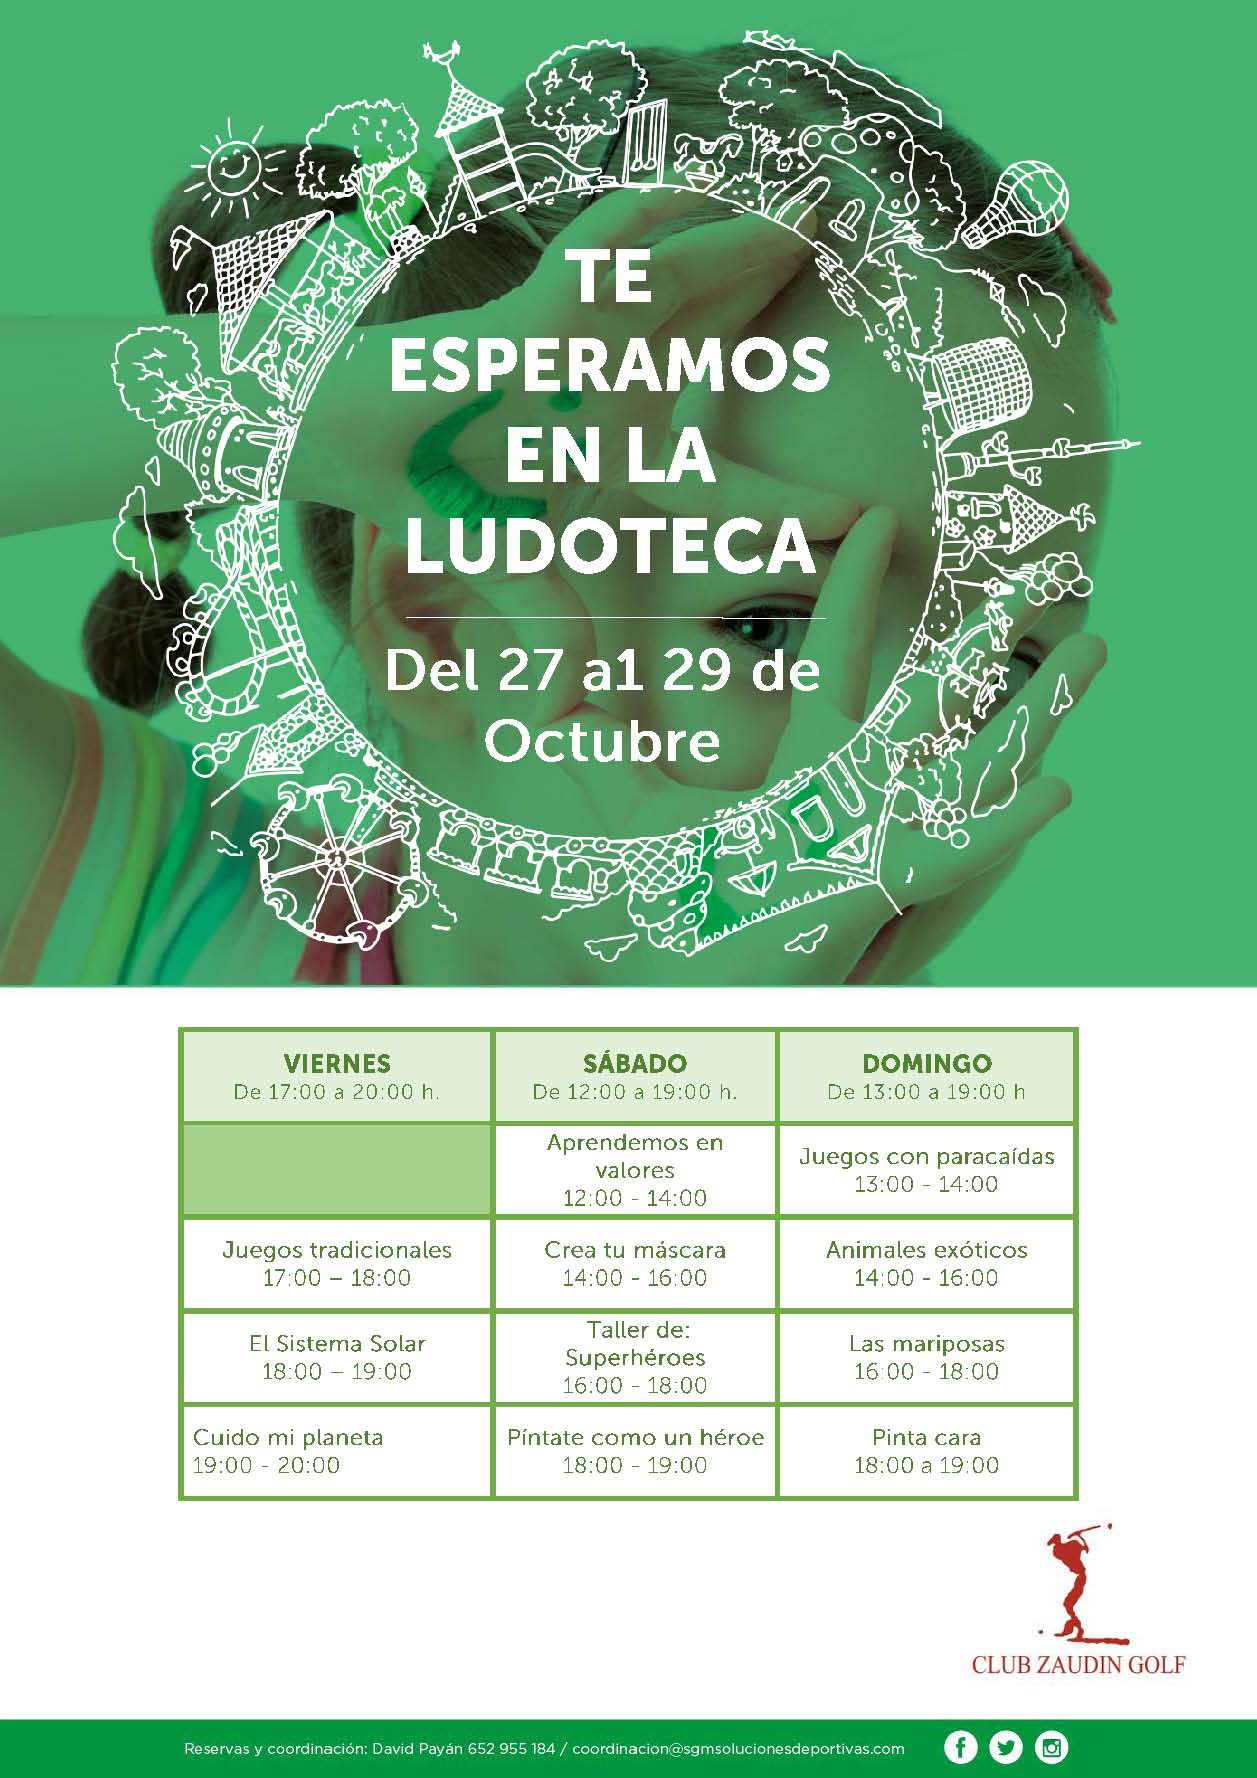 LUDOTECA 27-29 OCTUBRE